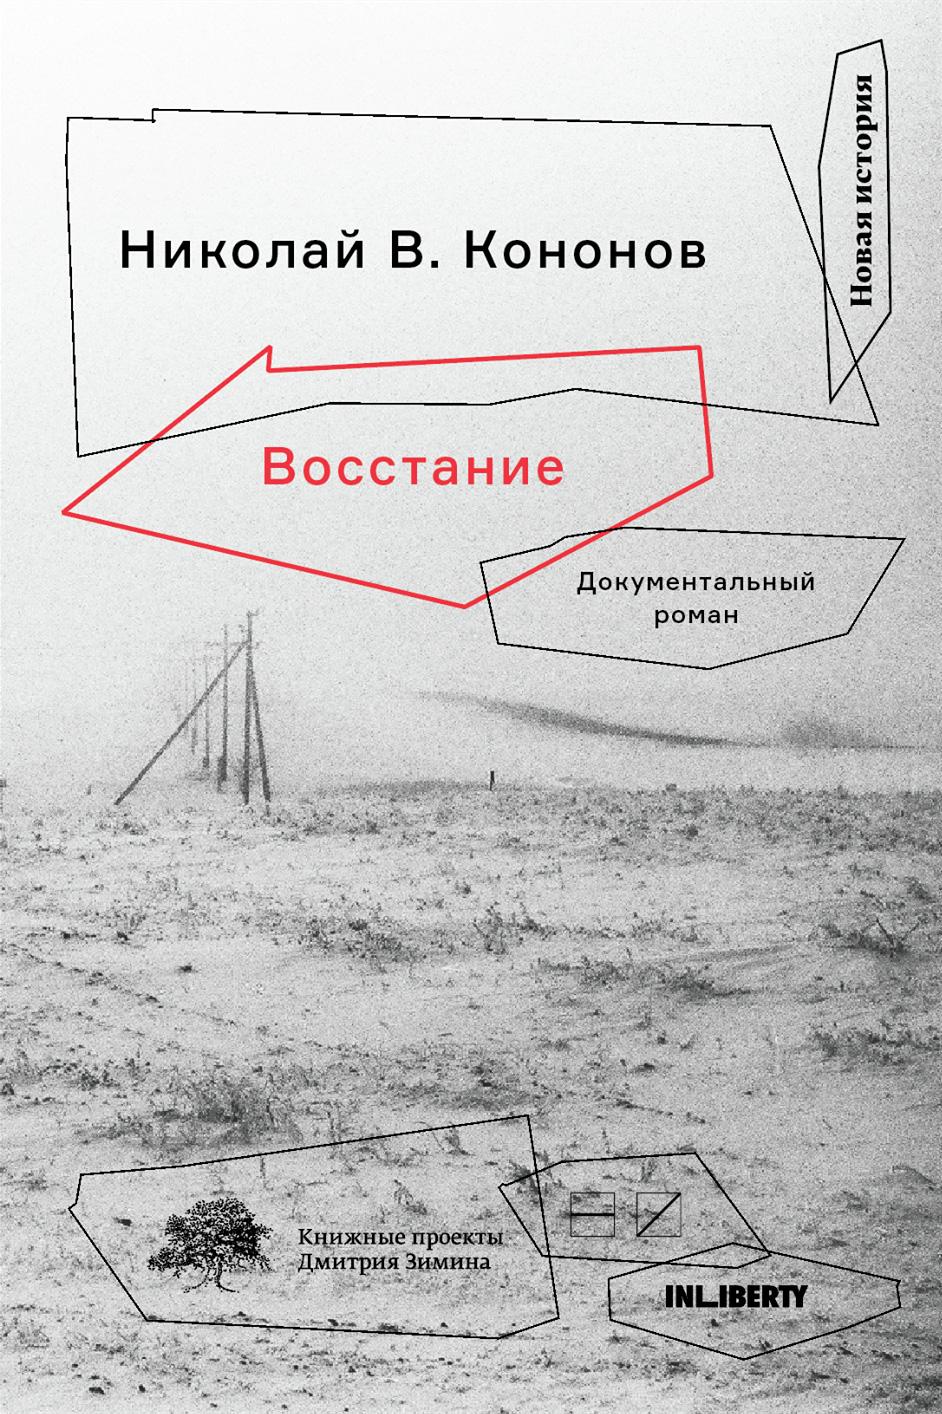 Николай Кононов Восстание. Документальный роман раков николай война теней роман